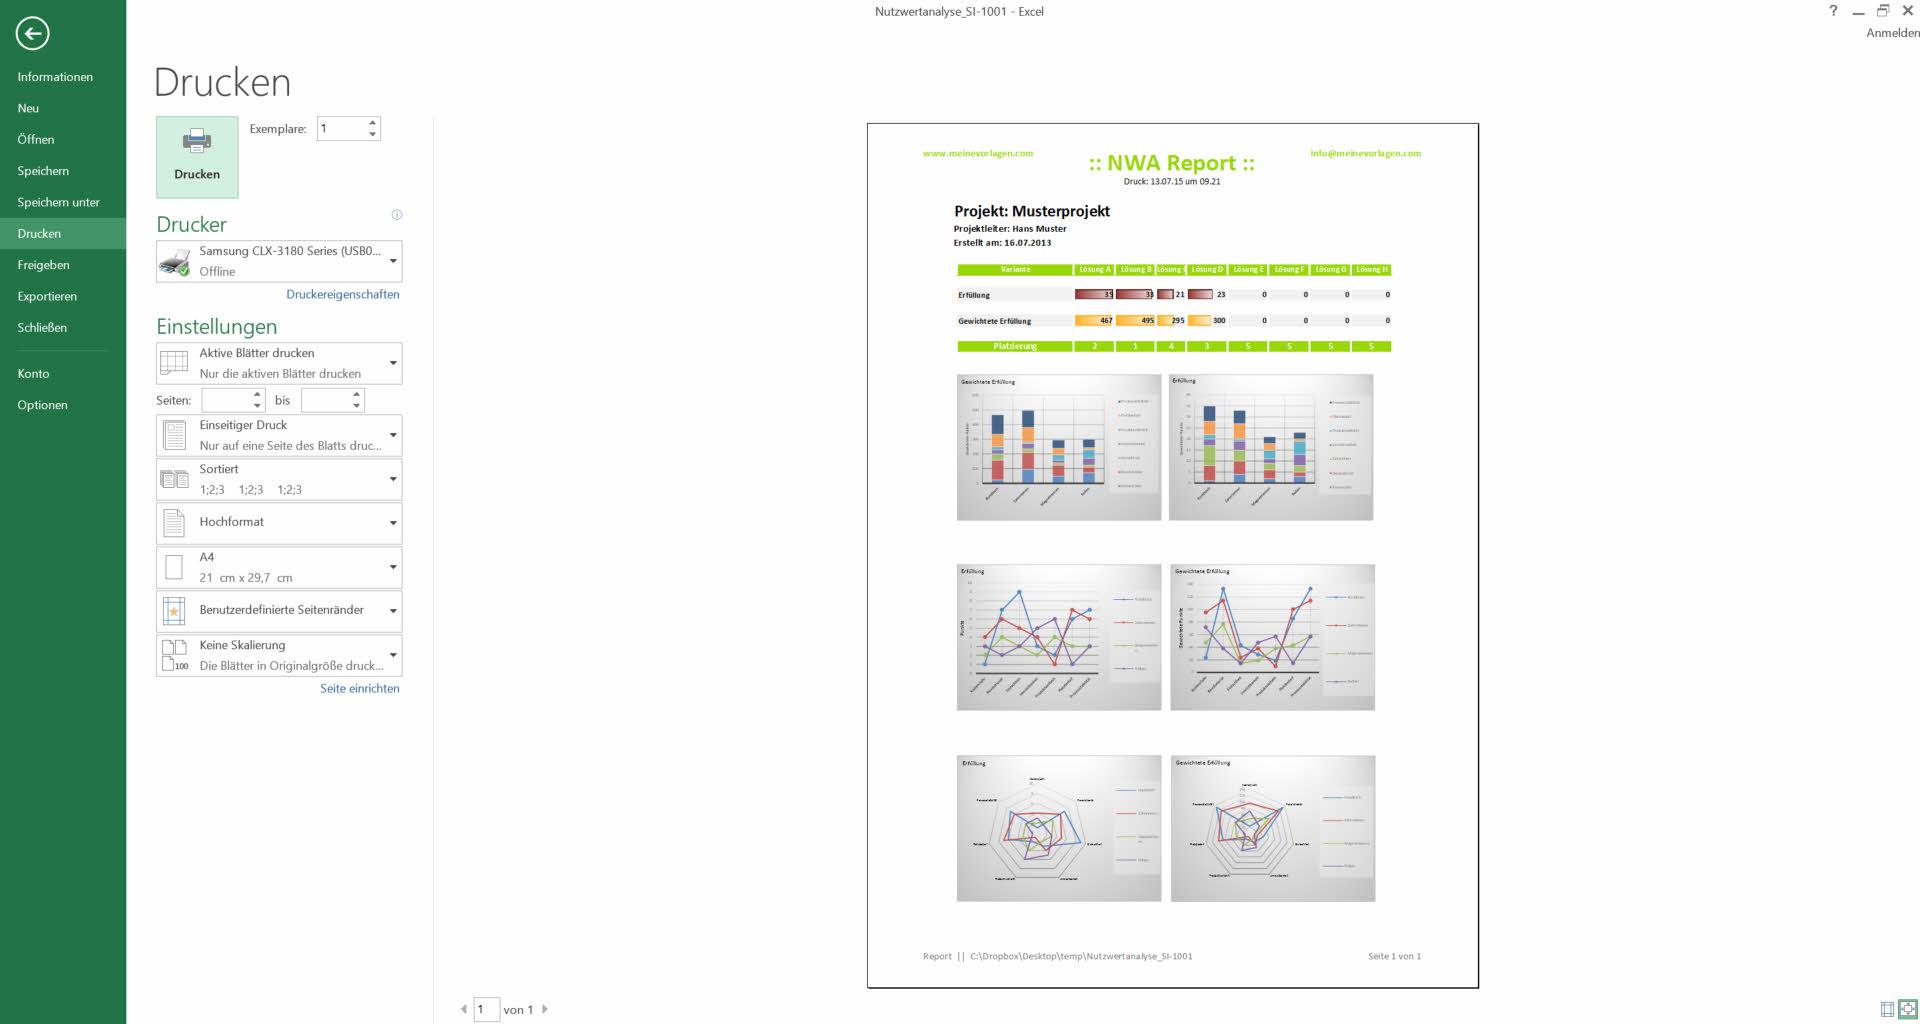 Nutzwertanalyse Excel Vorlagen - NWA Präferenzmatrix - Muster ...